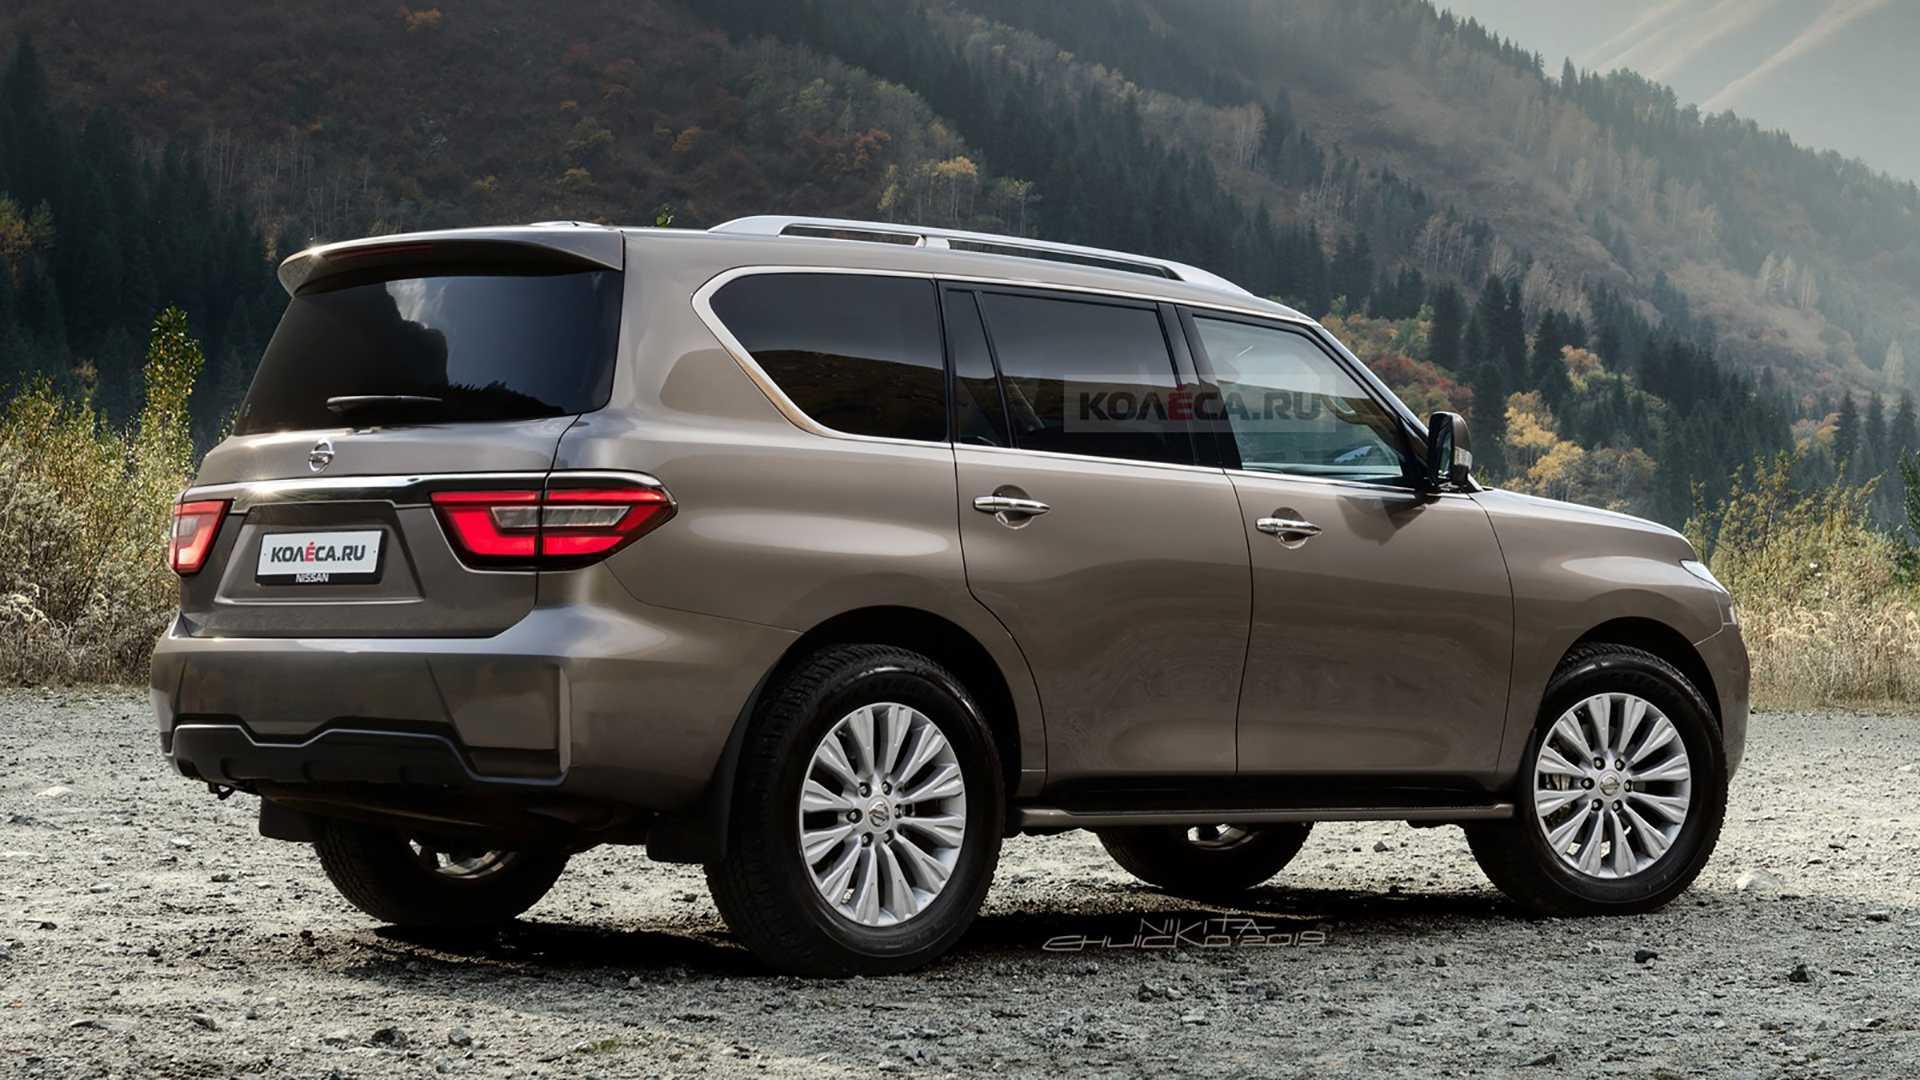 2020 Nissan Patrol / Armada Gets Accurate Rendering ...